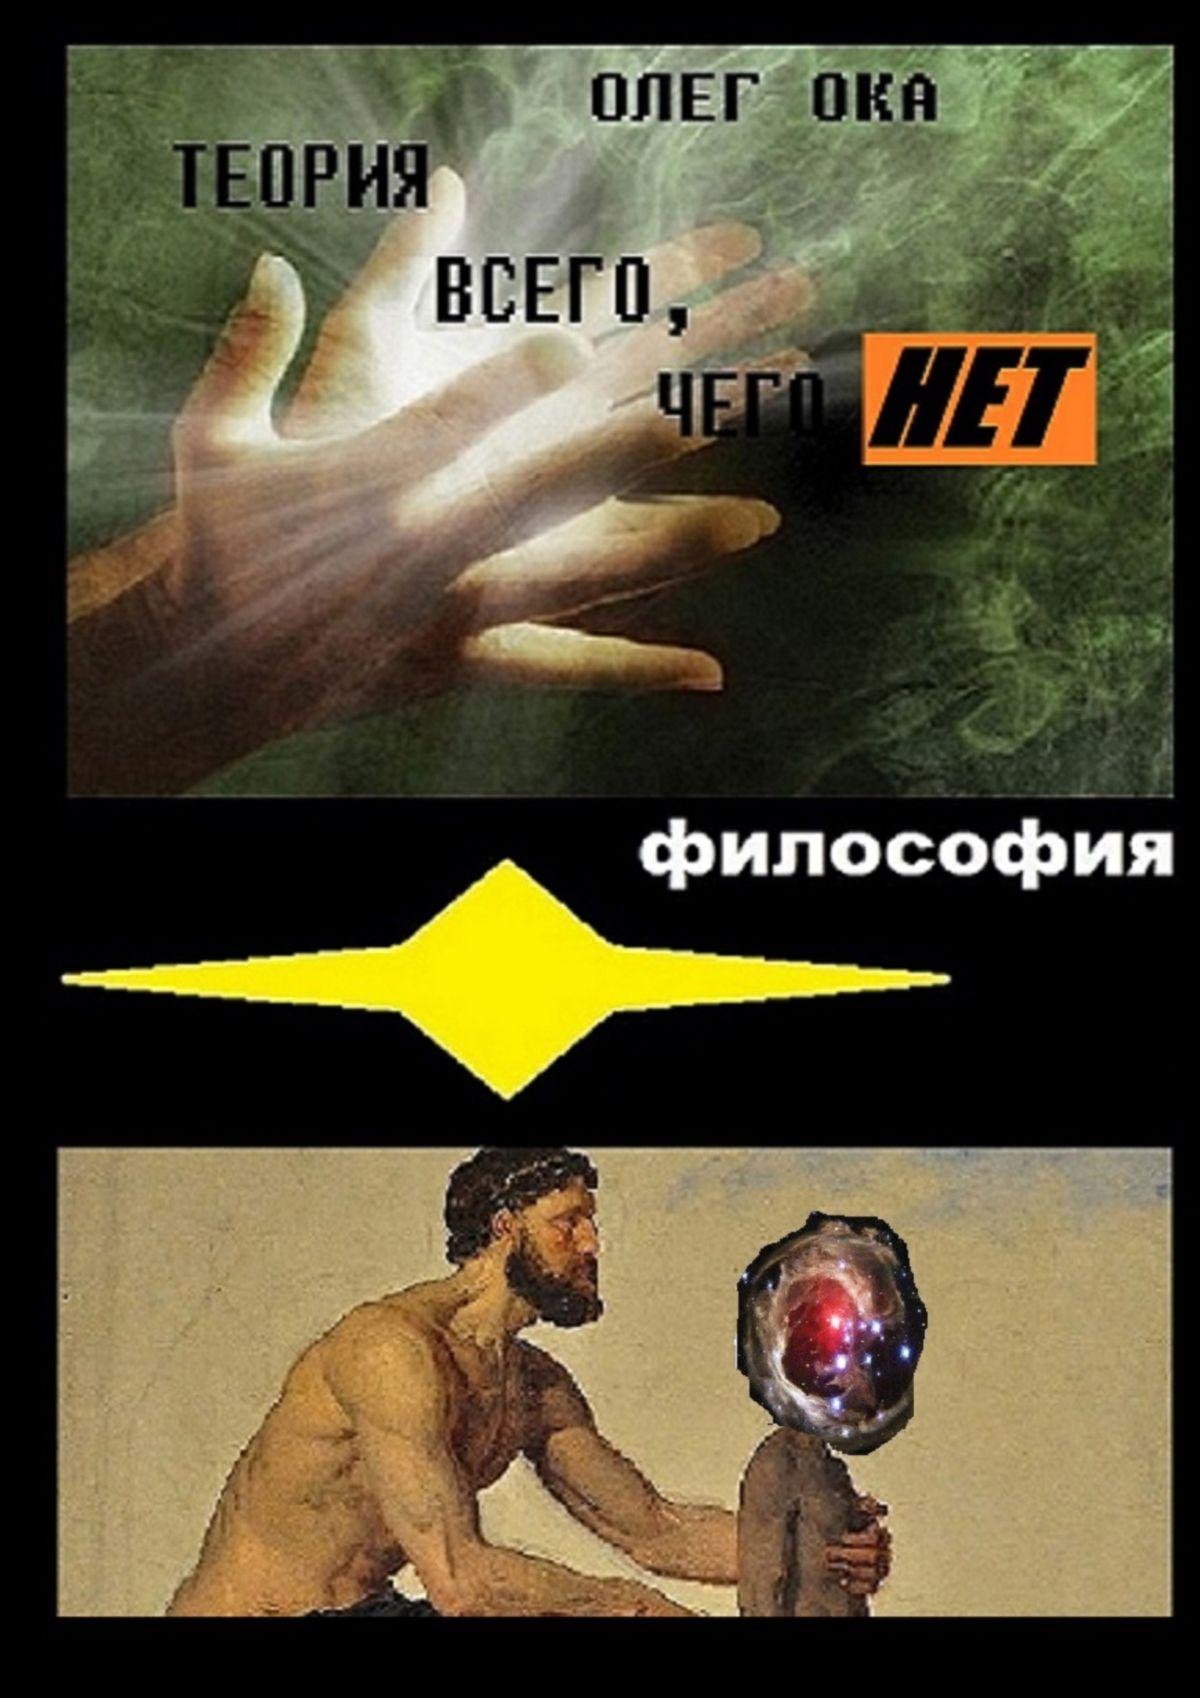 Олег Ока Теория всего, чего нет олег ока бриллиантовые дороги